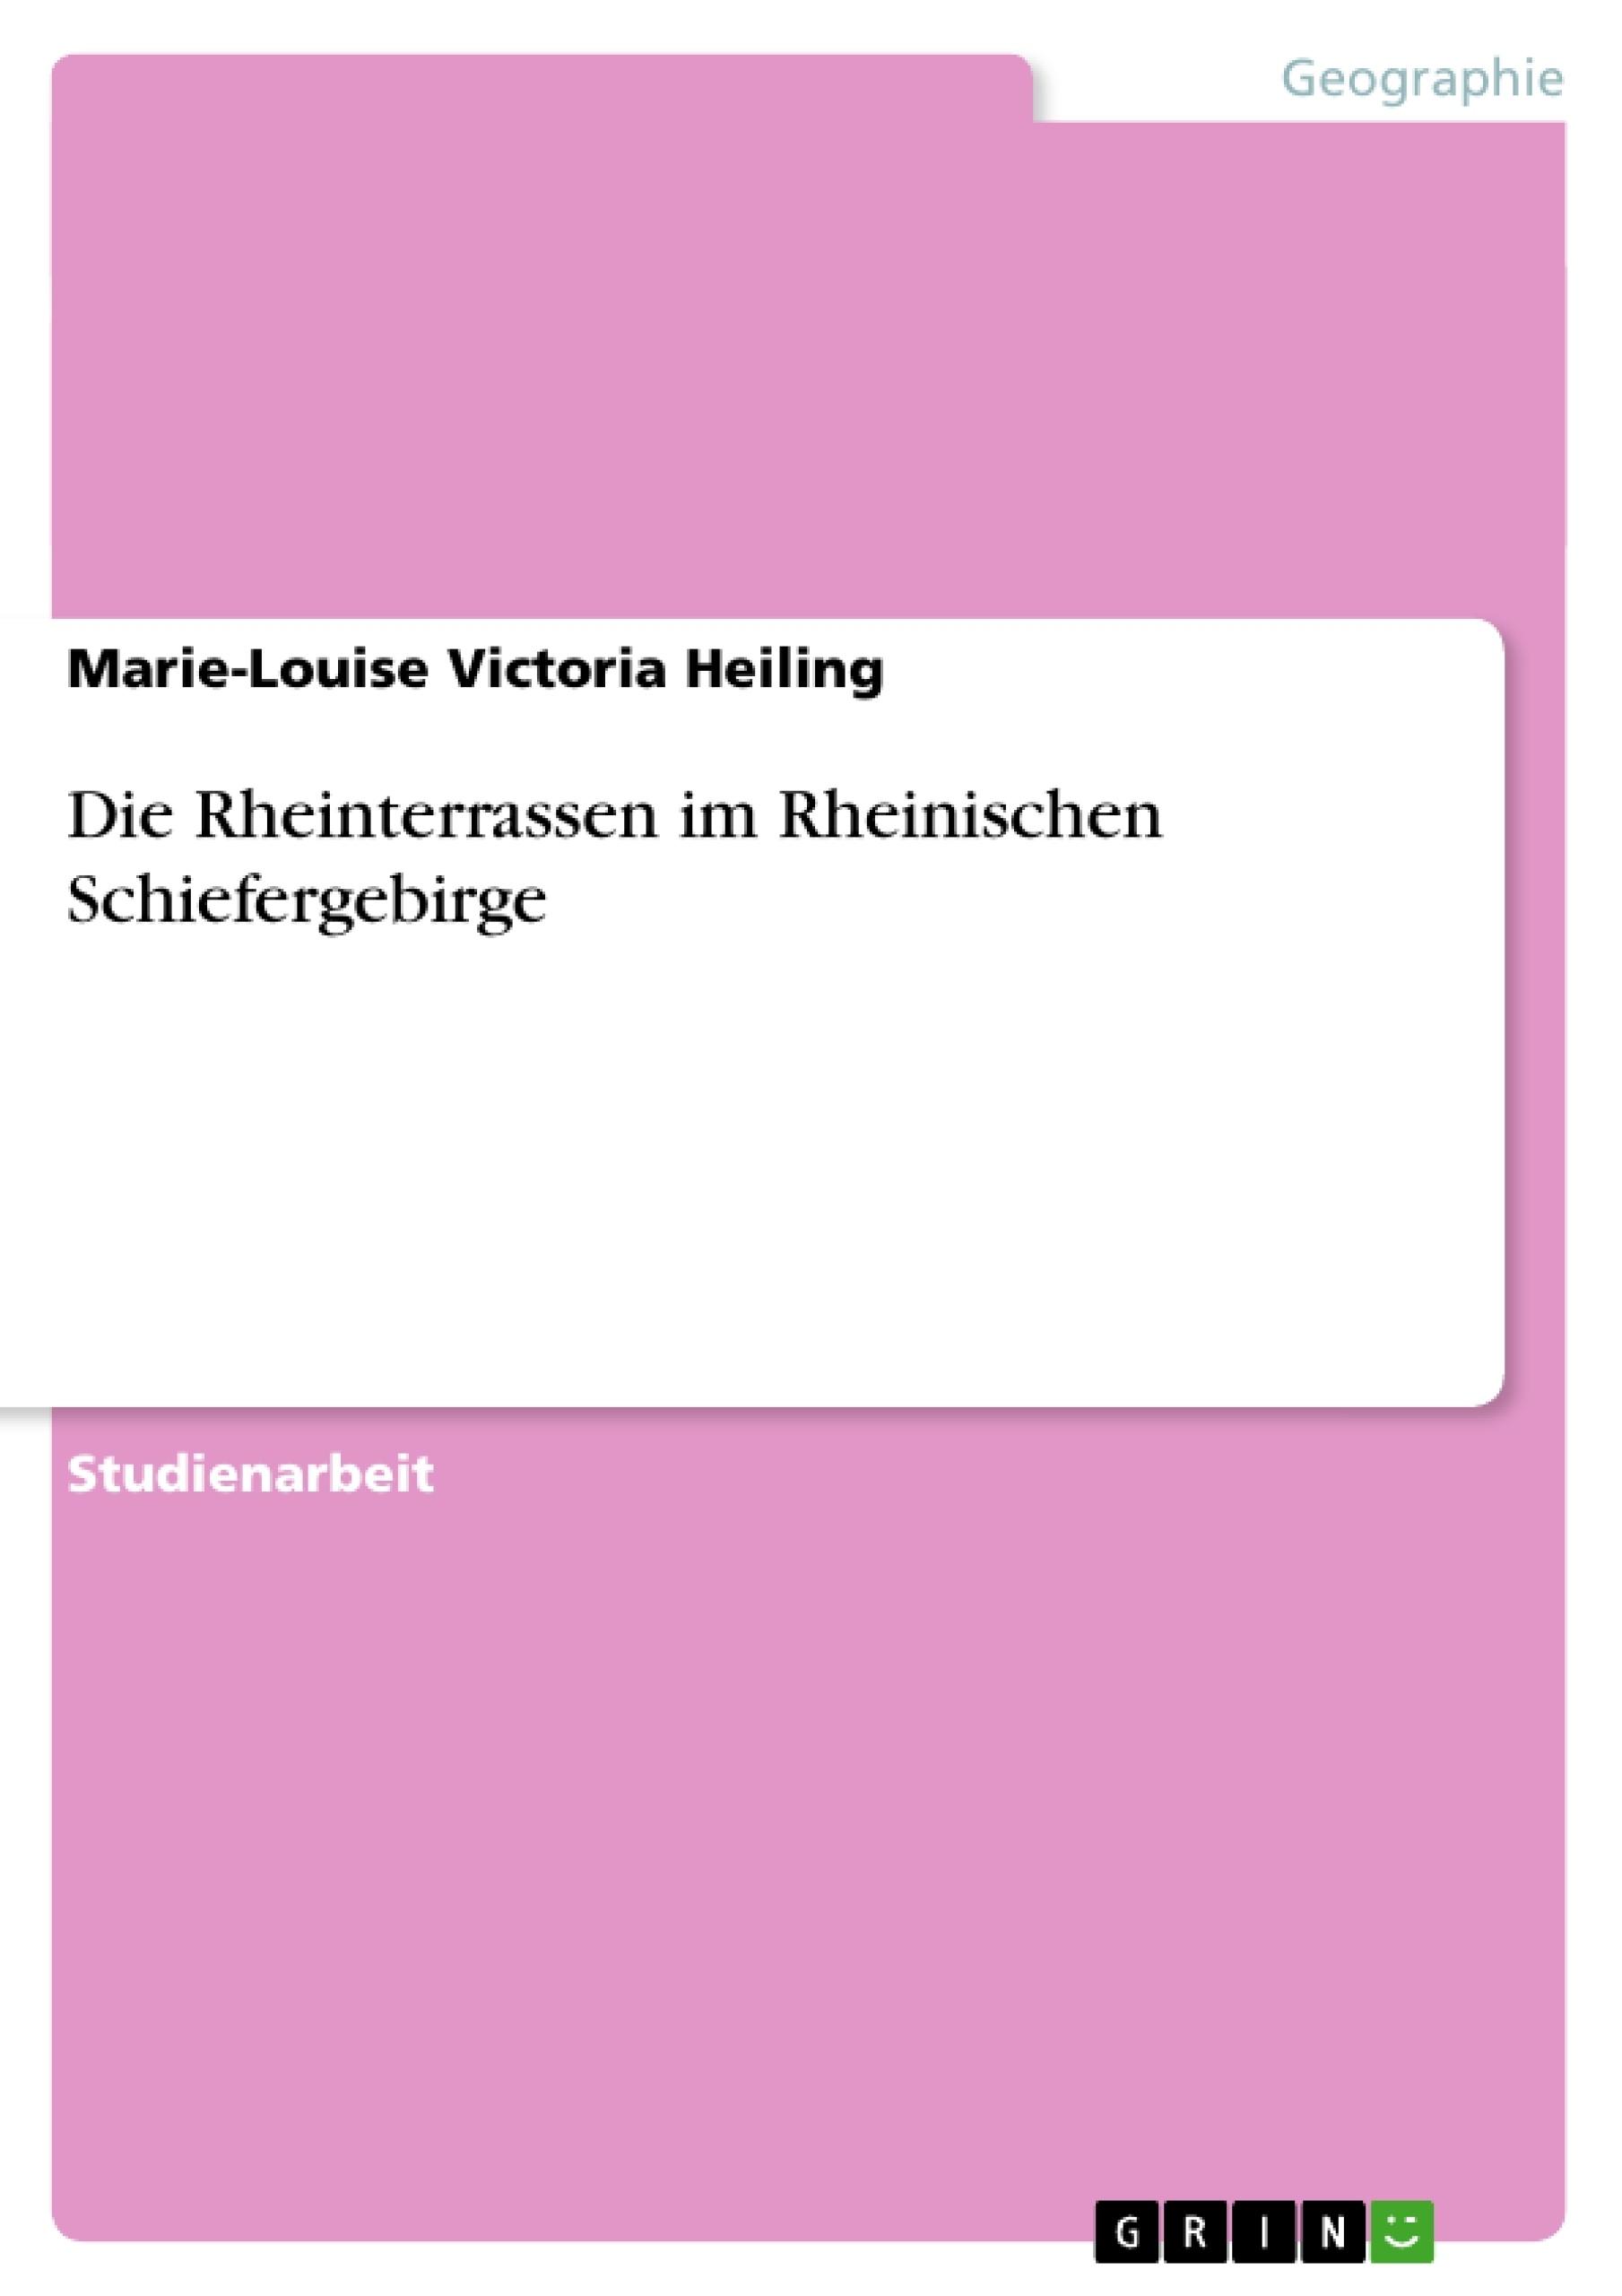 Titel: Die Rheinterrassen im Rheinischen Schiefergebirge